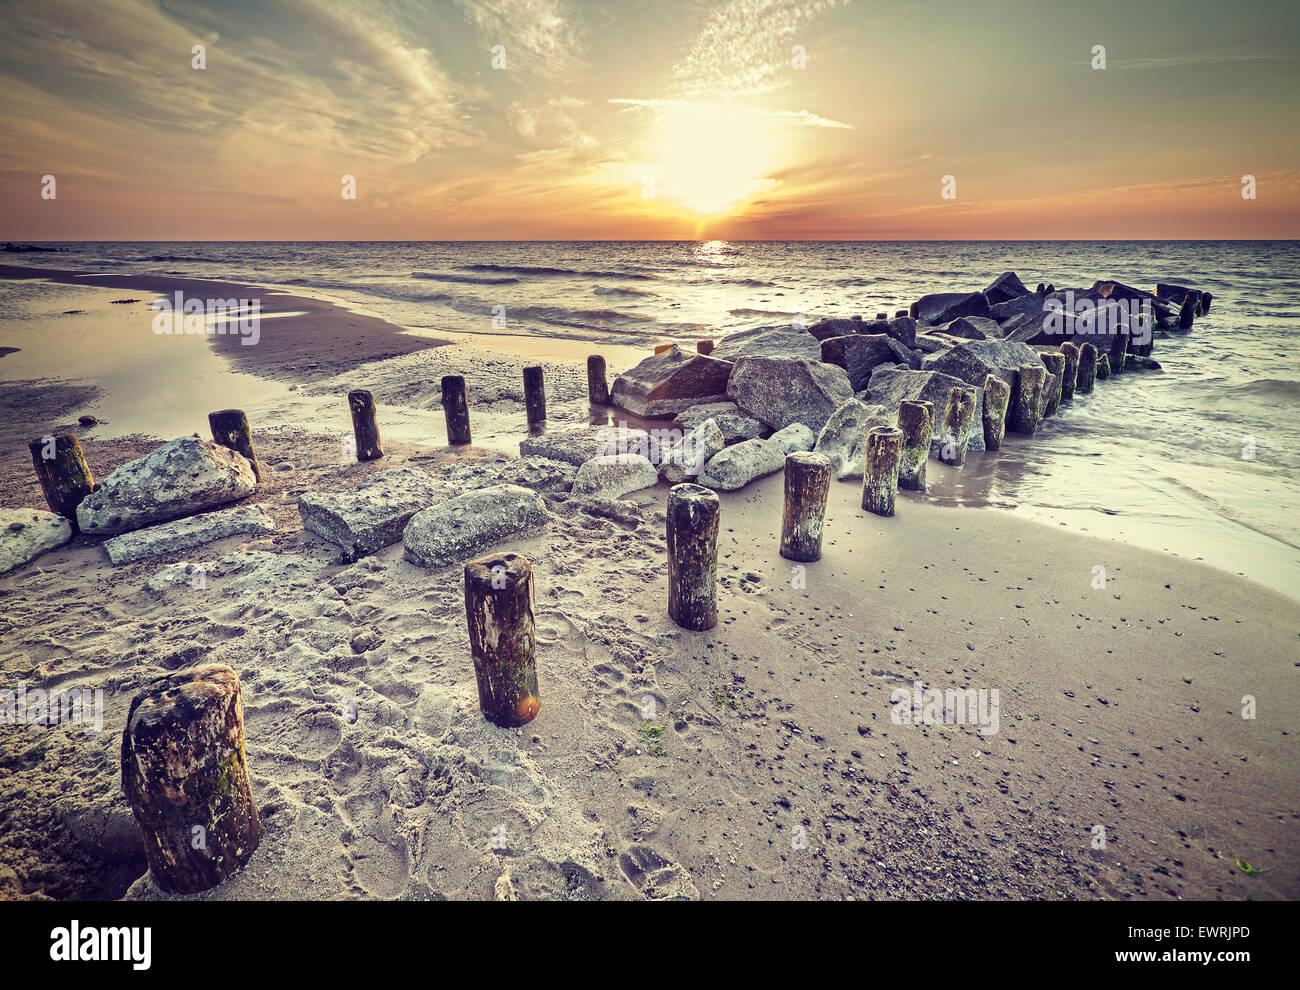 Style rétro vintage magnifique coucher de soleil sur la mer Baltique, Miedzyzdroje en Pologne. Photo Stock